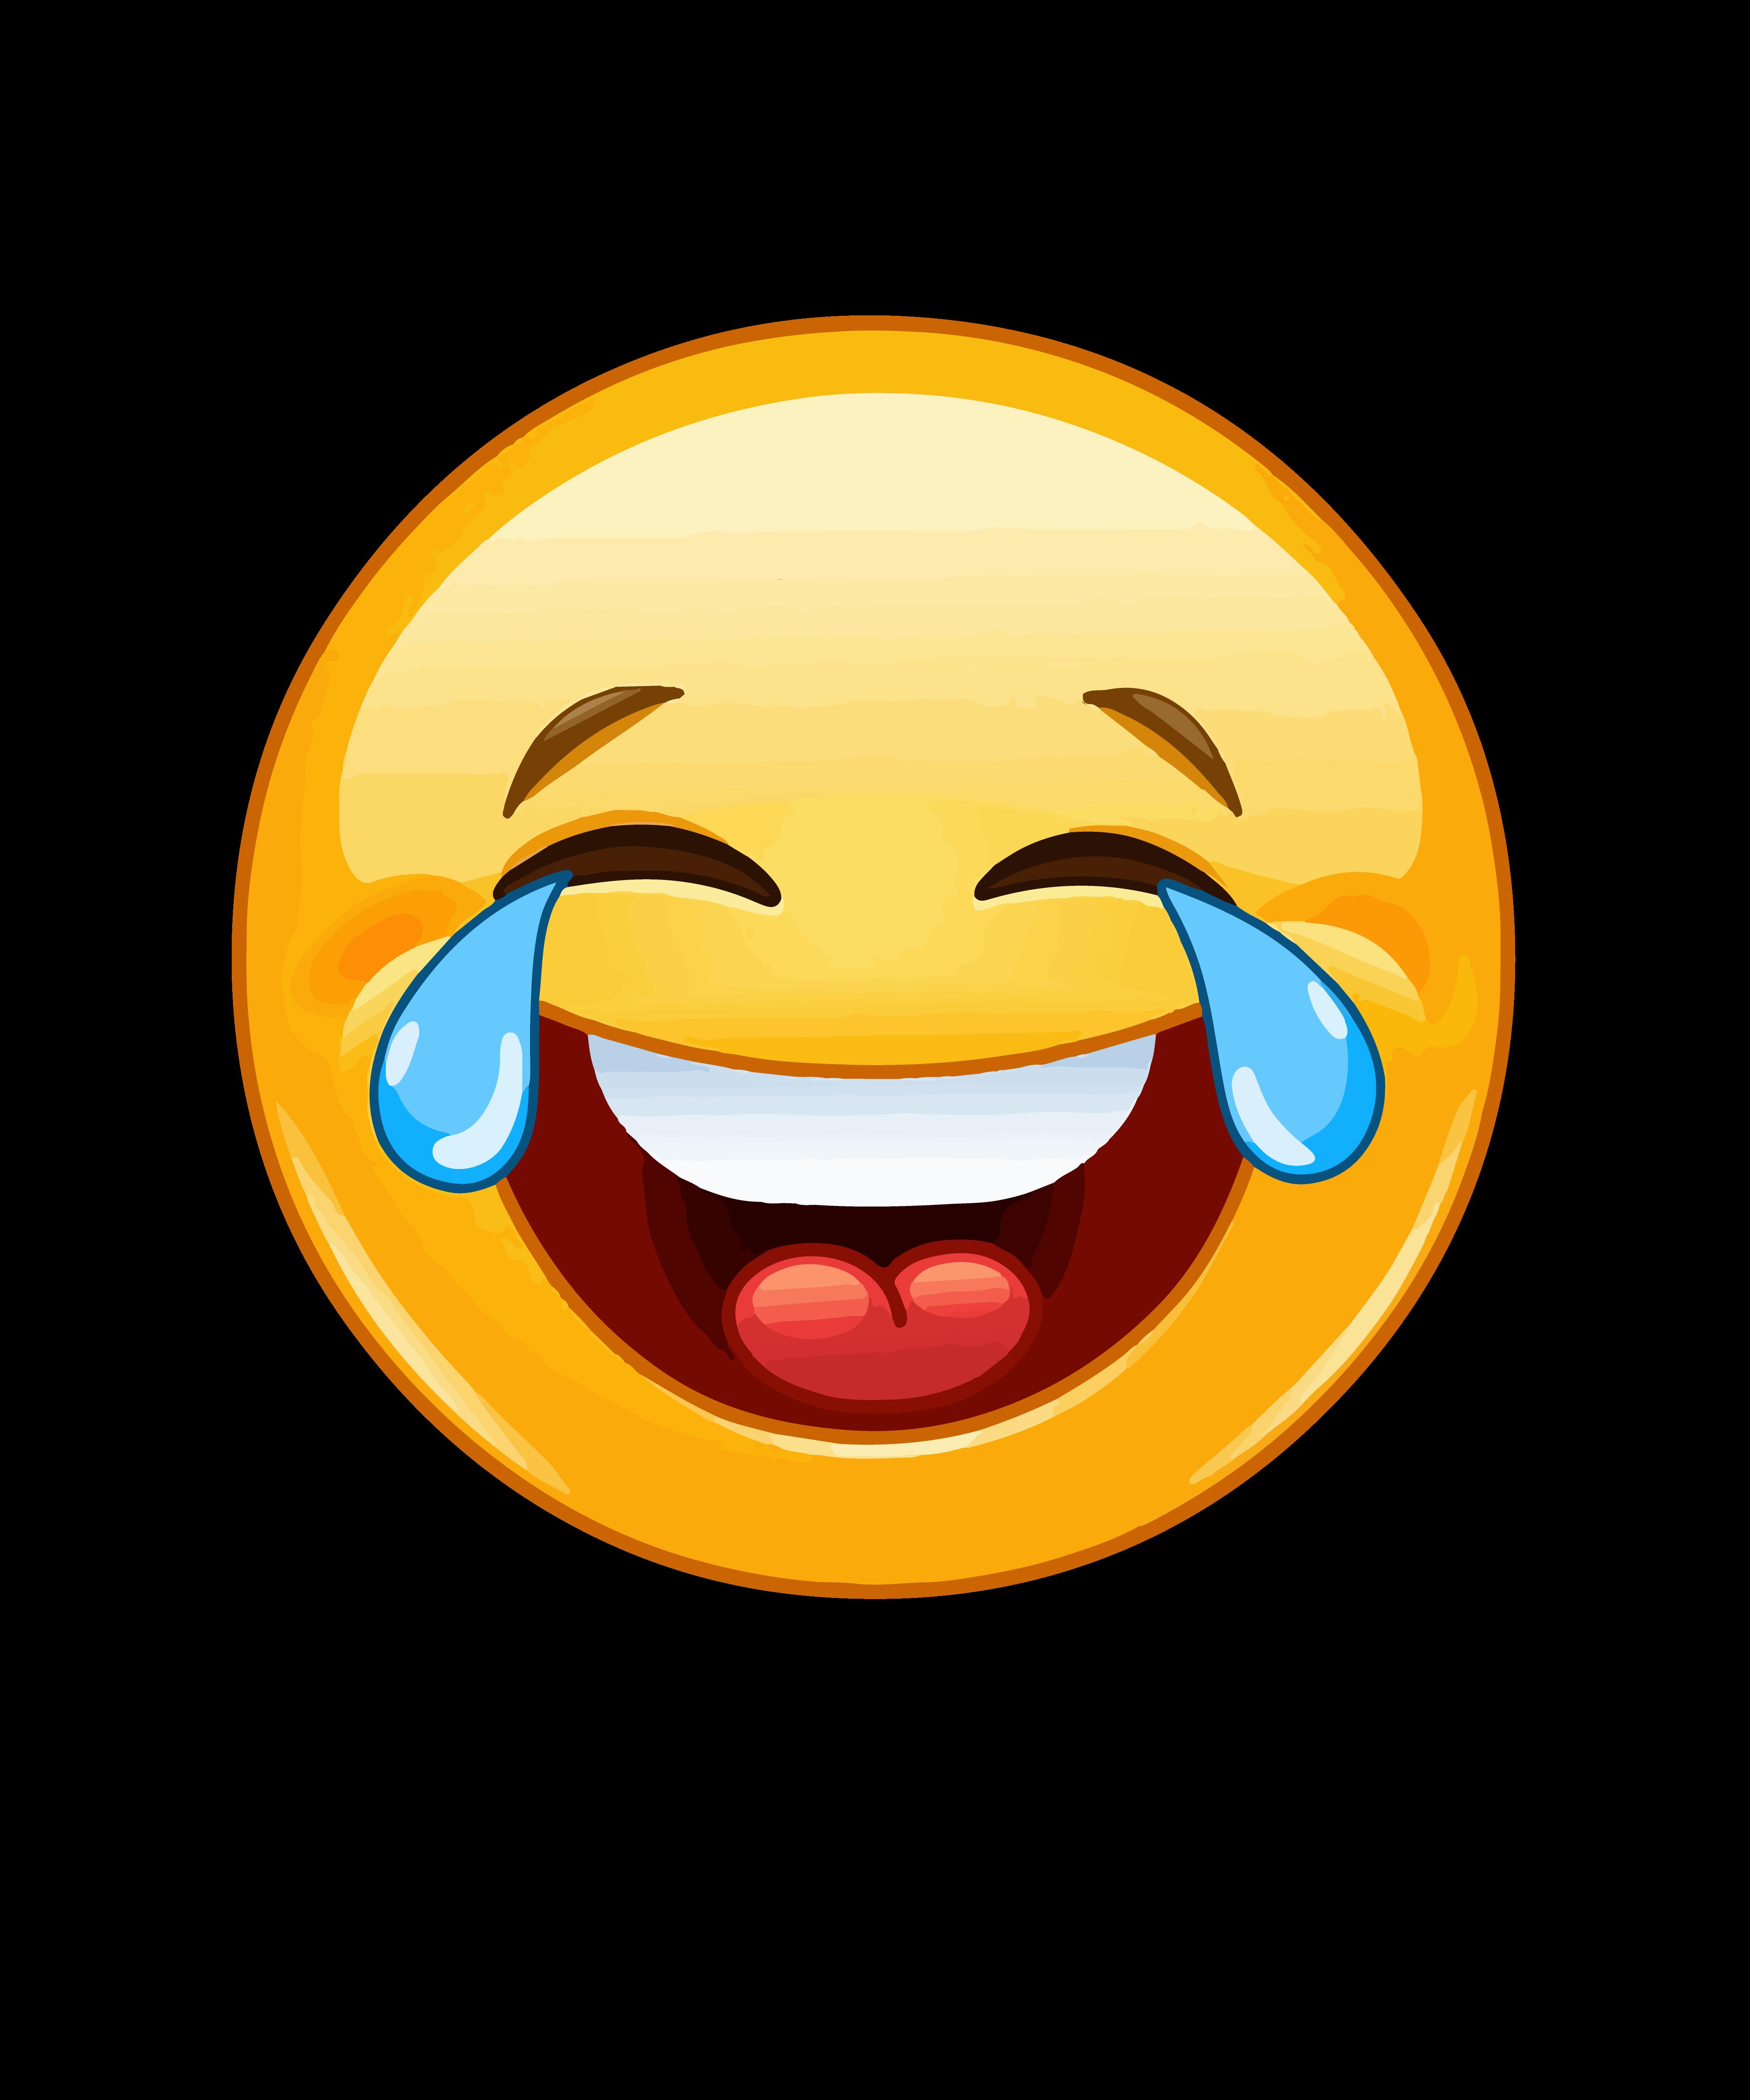 Laughing emoji transparent background